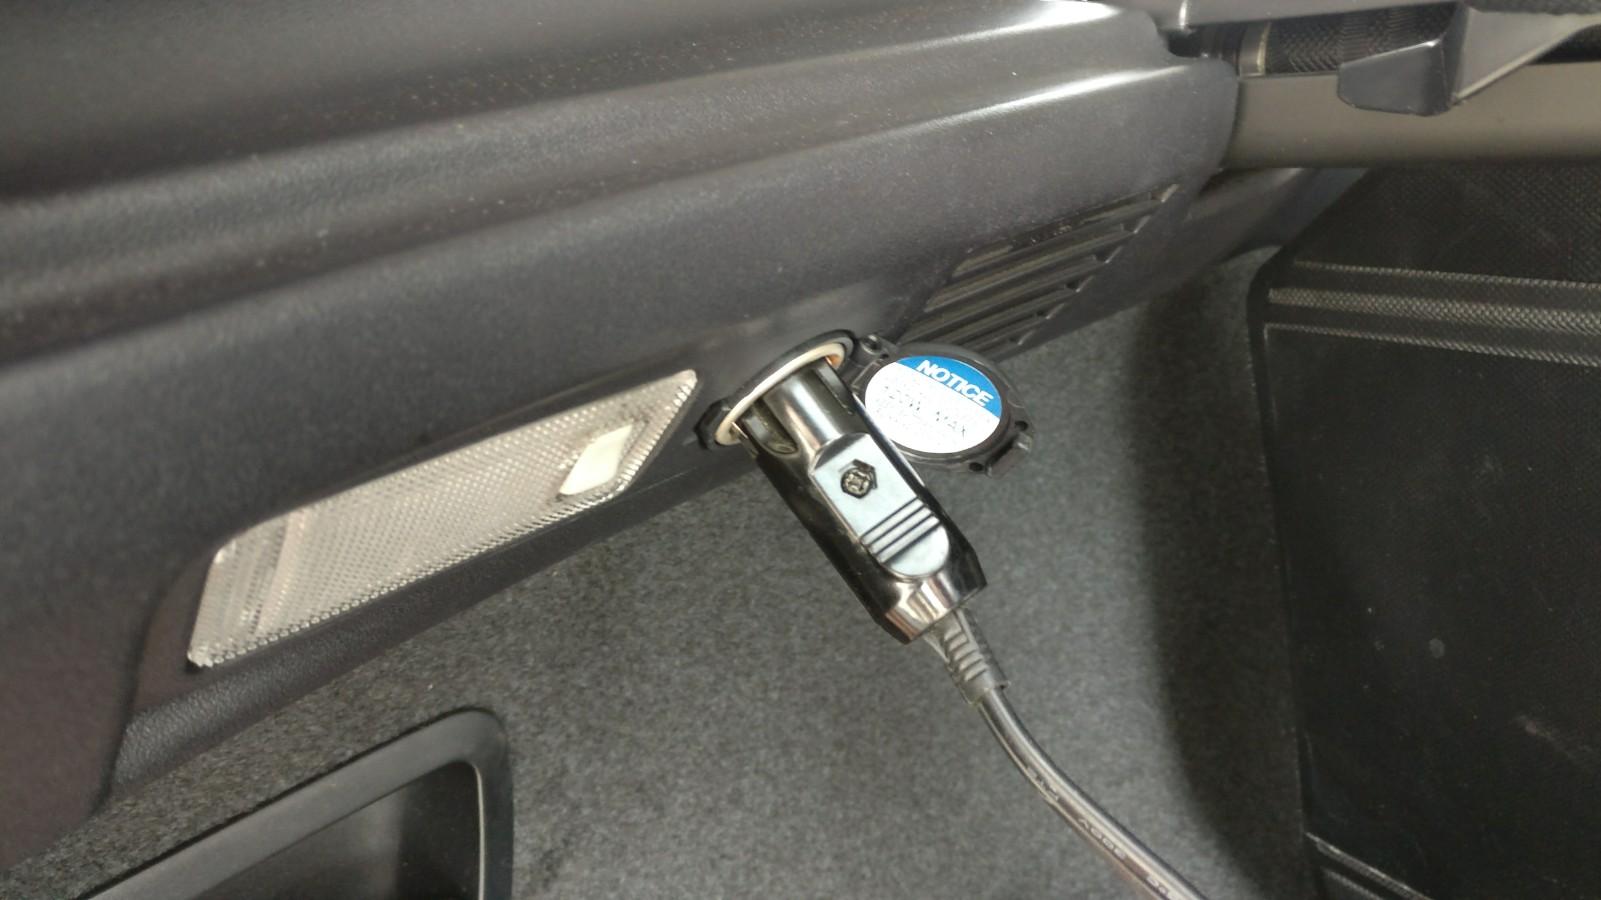 Универсальная розетка питания в багажнике авто